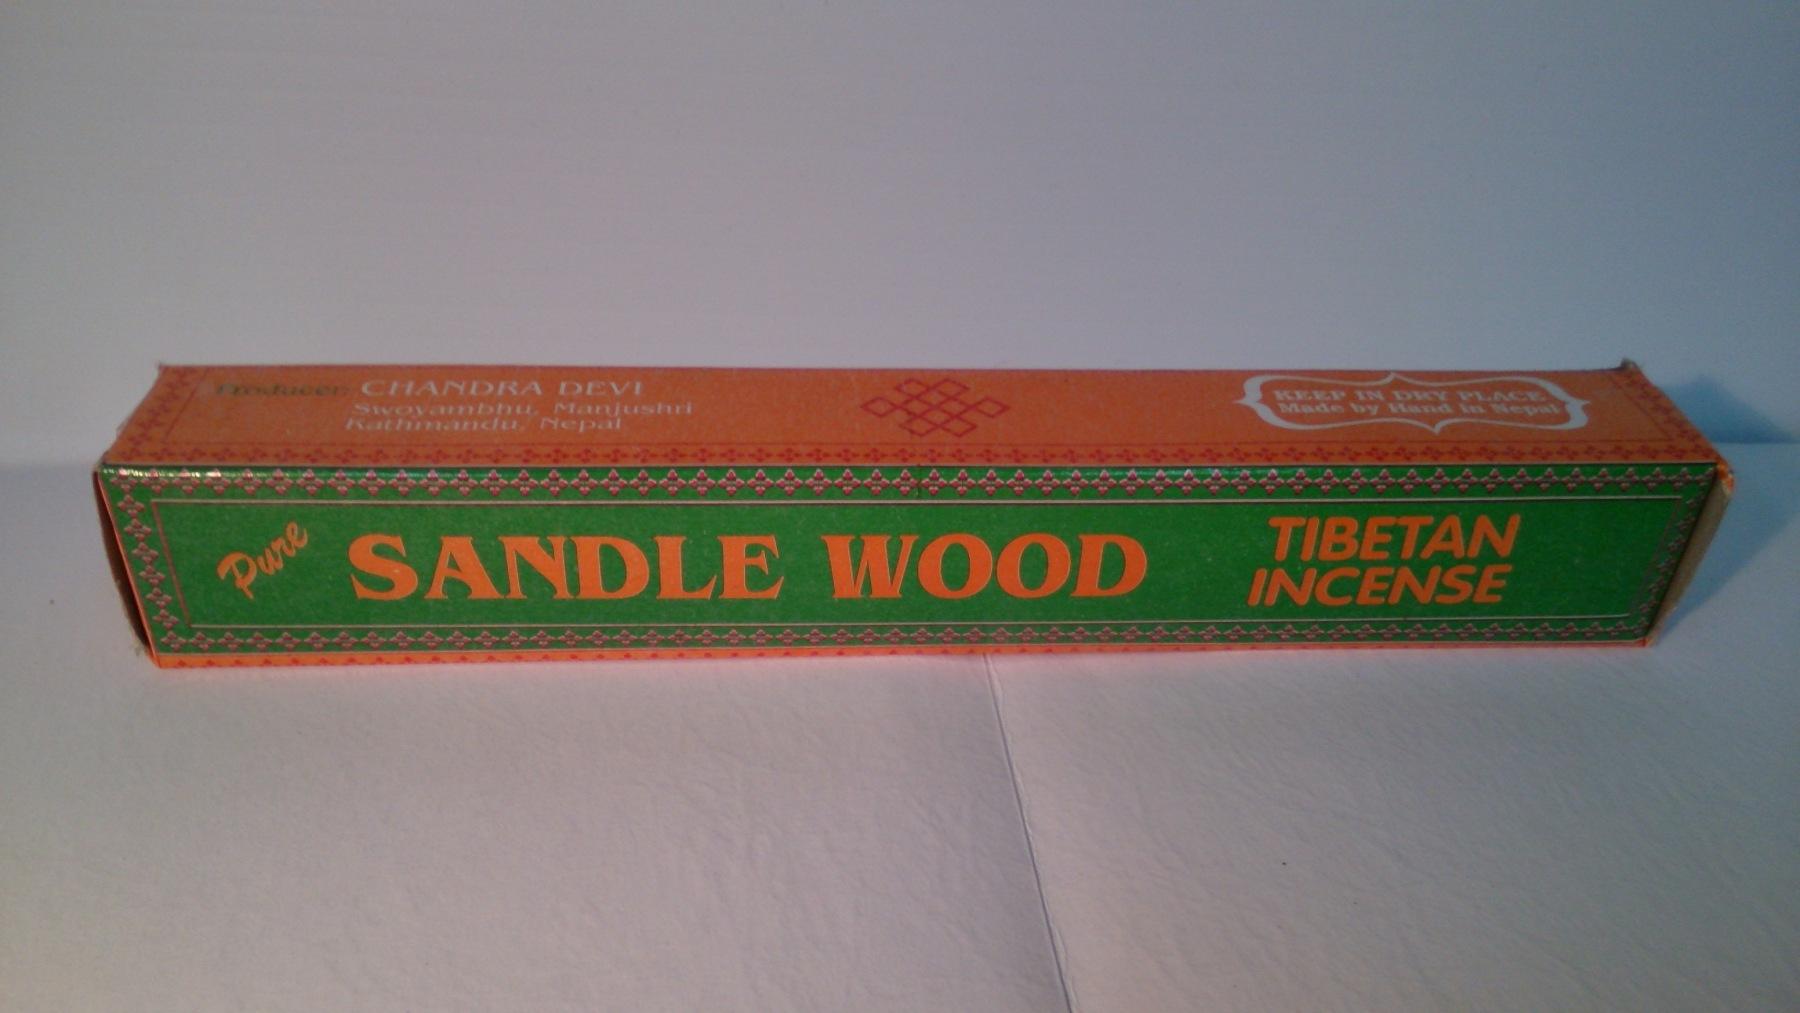 Sandle wood